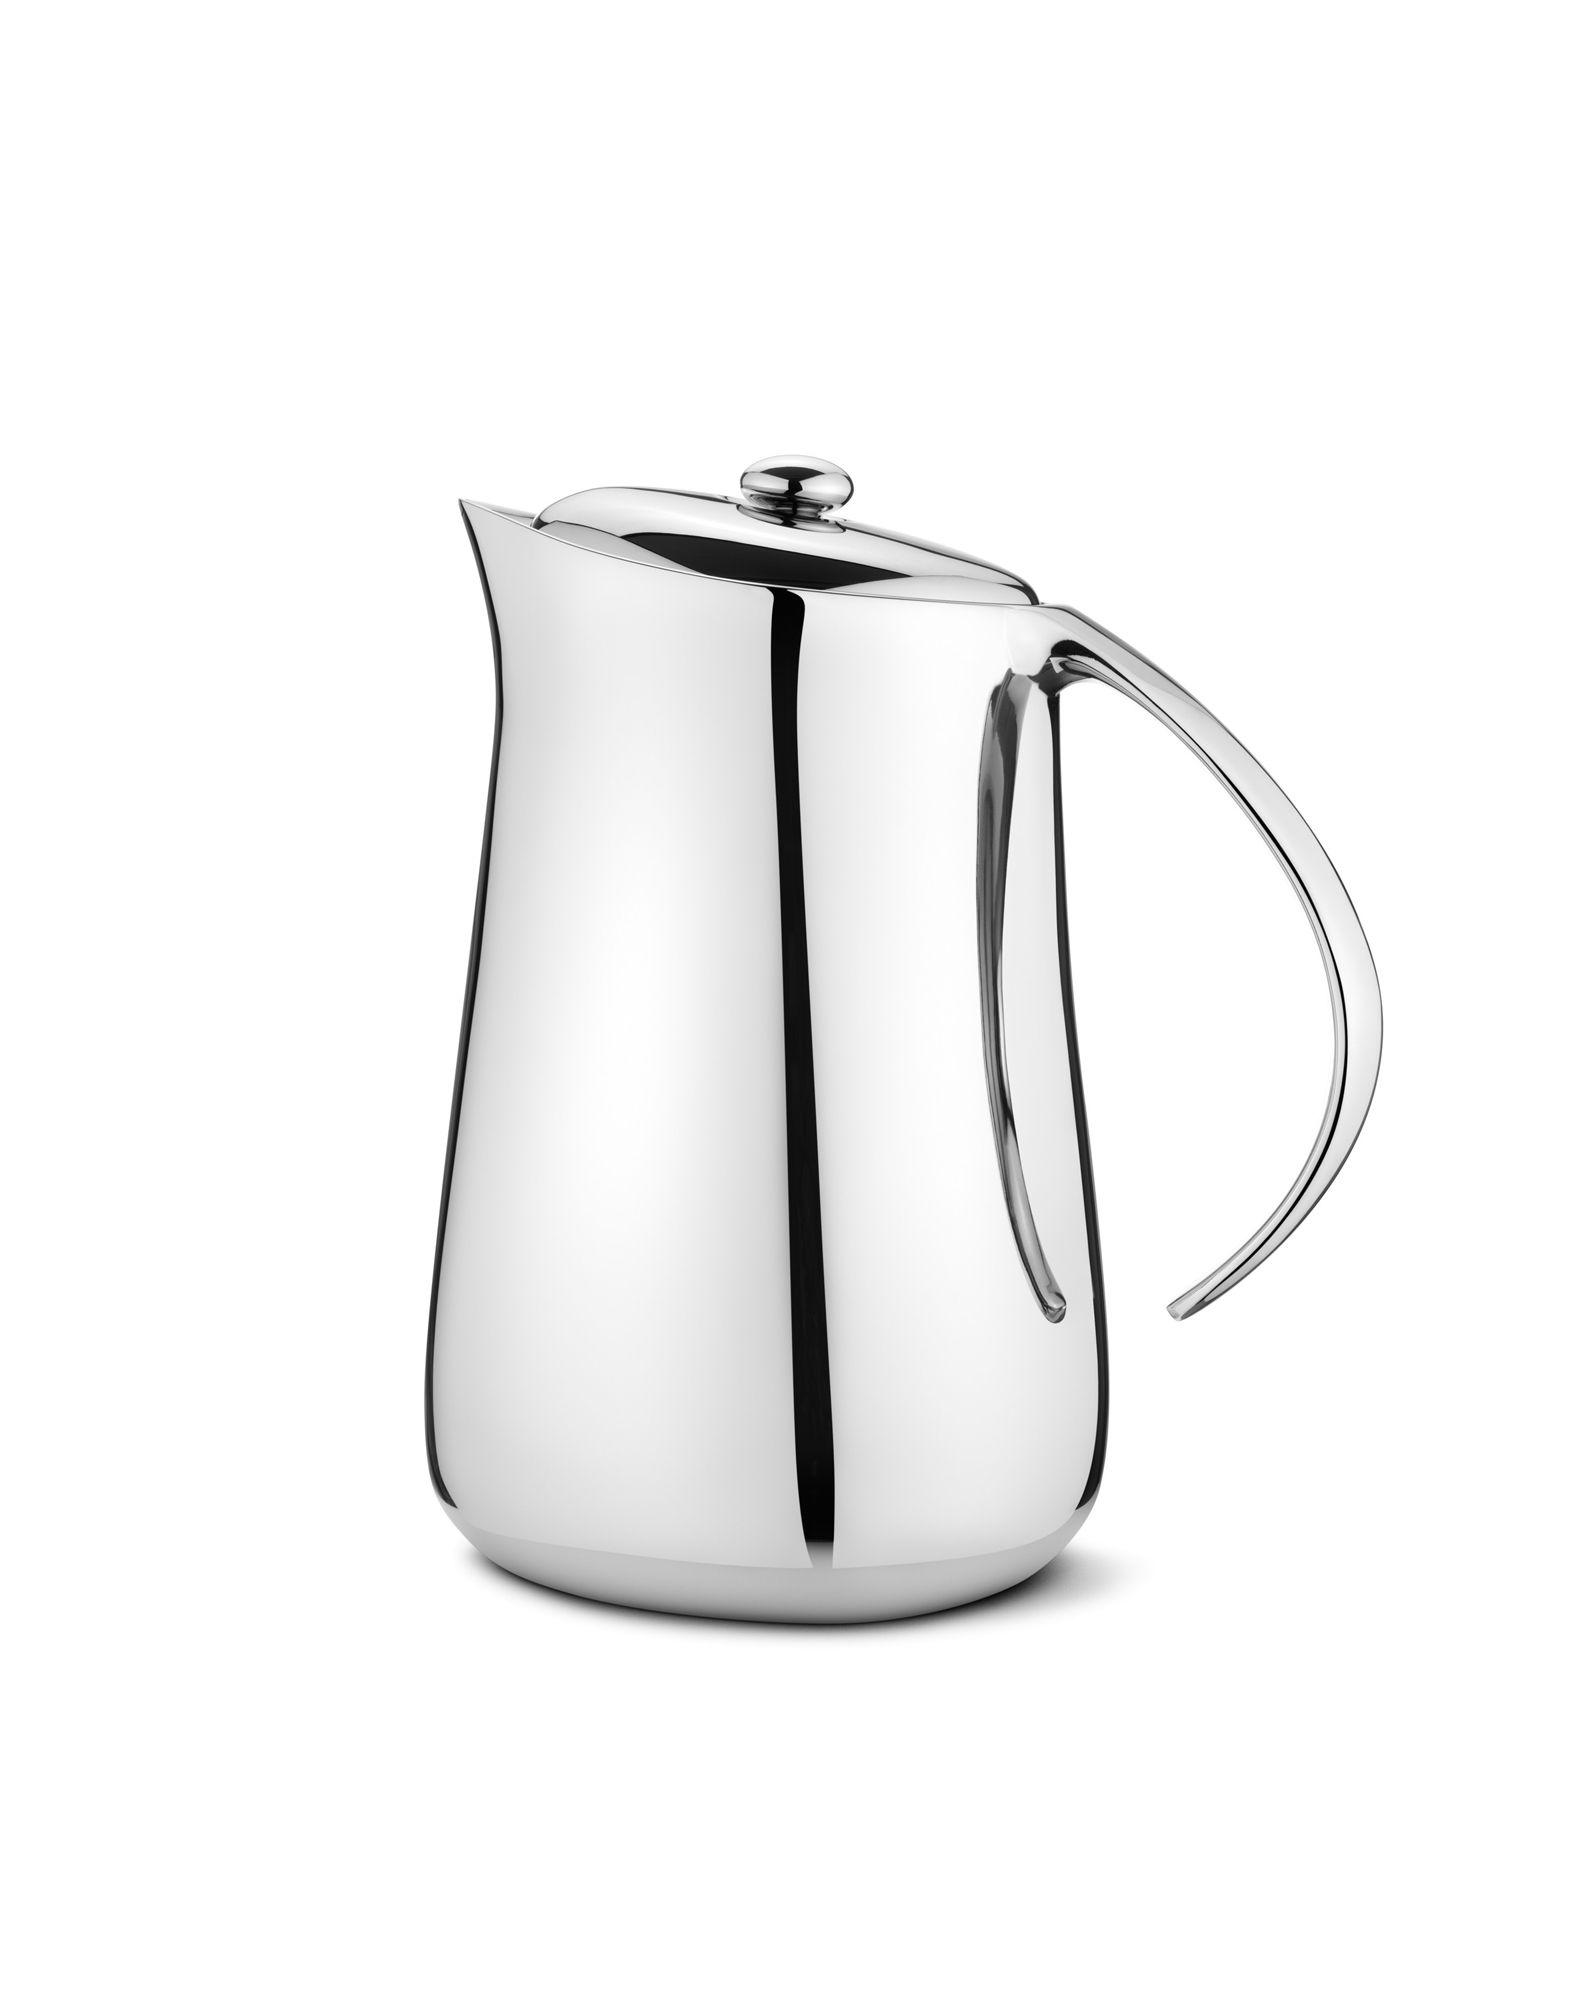 GEORG JENSEN Unisex Tee & Kaffee Farbe Silber Größe 1 - broschei